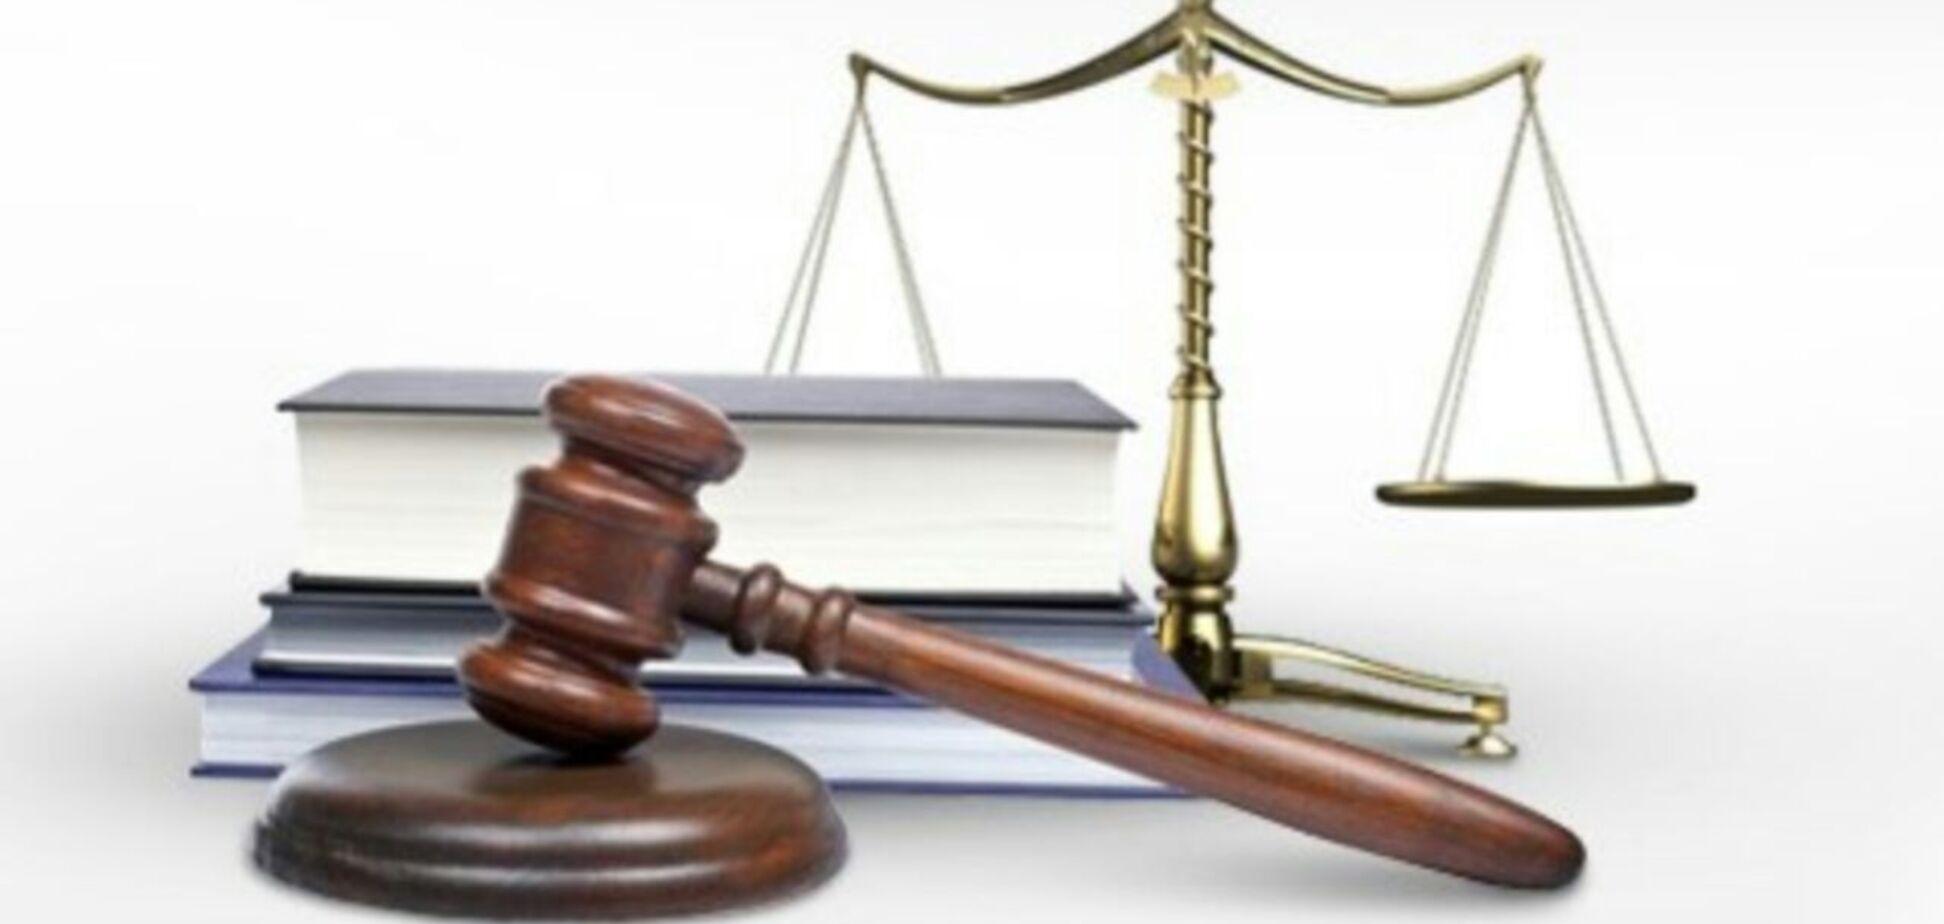 В Украине внушительно подорожали услуги суда: опубликованы новые расценки